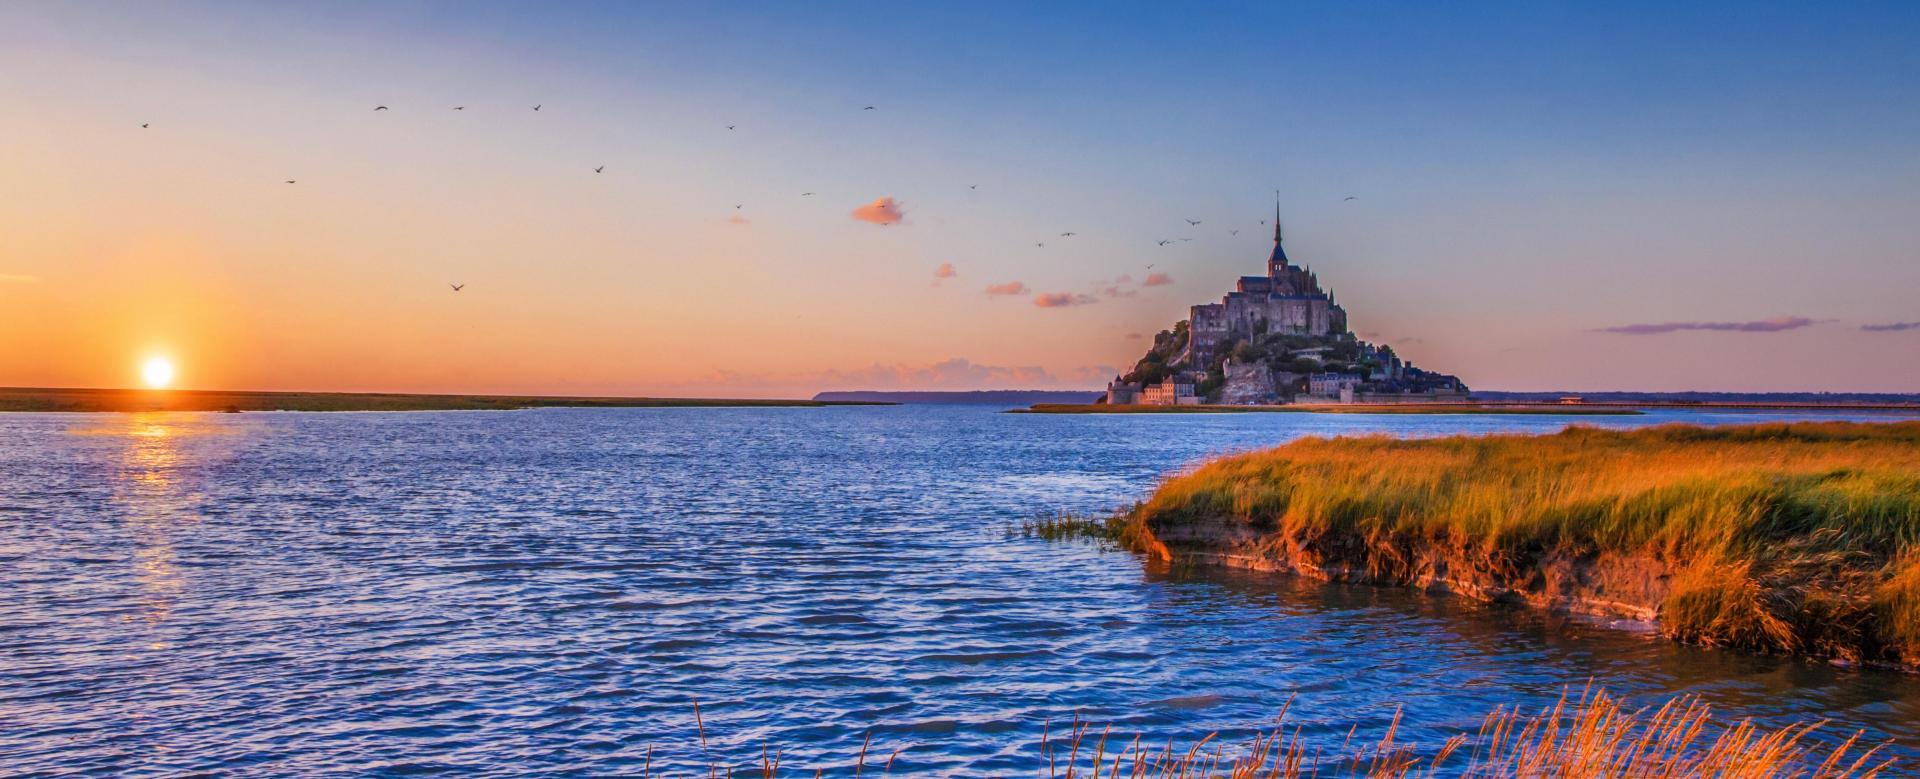 Voyage à pied : Réveillon dans la baie du mont-saint-michel